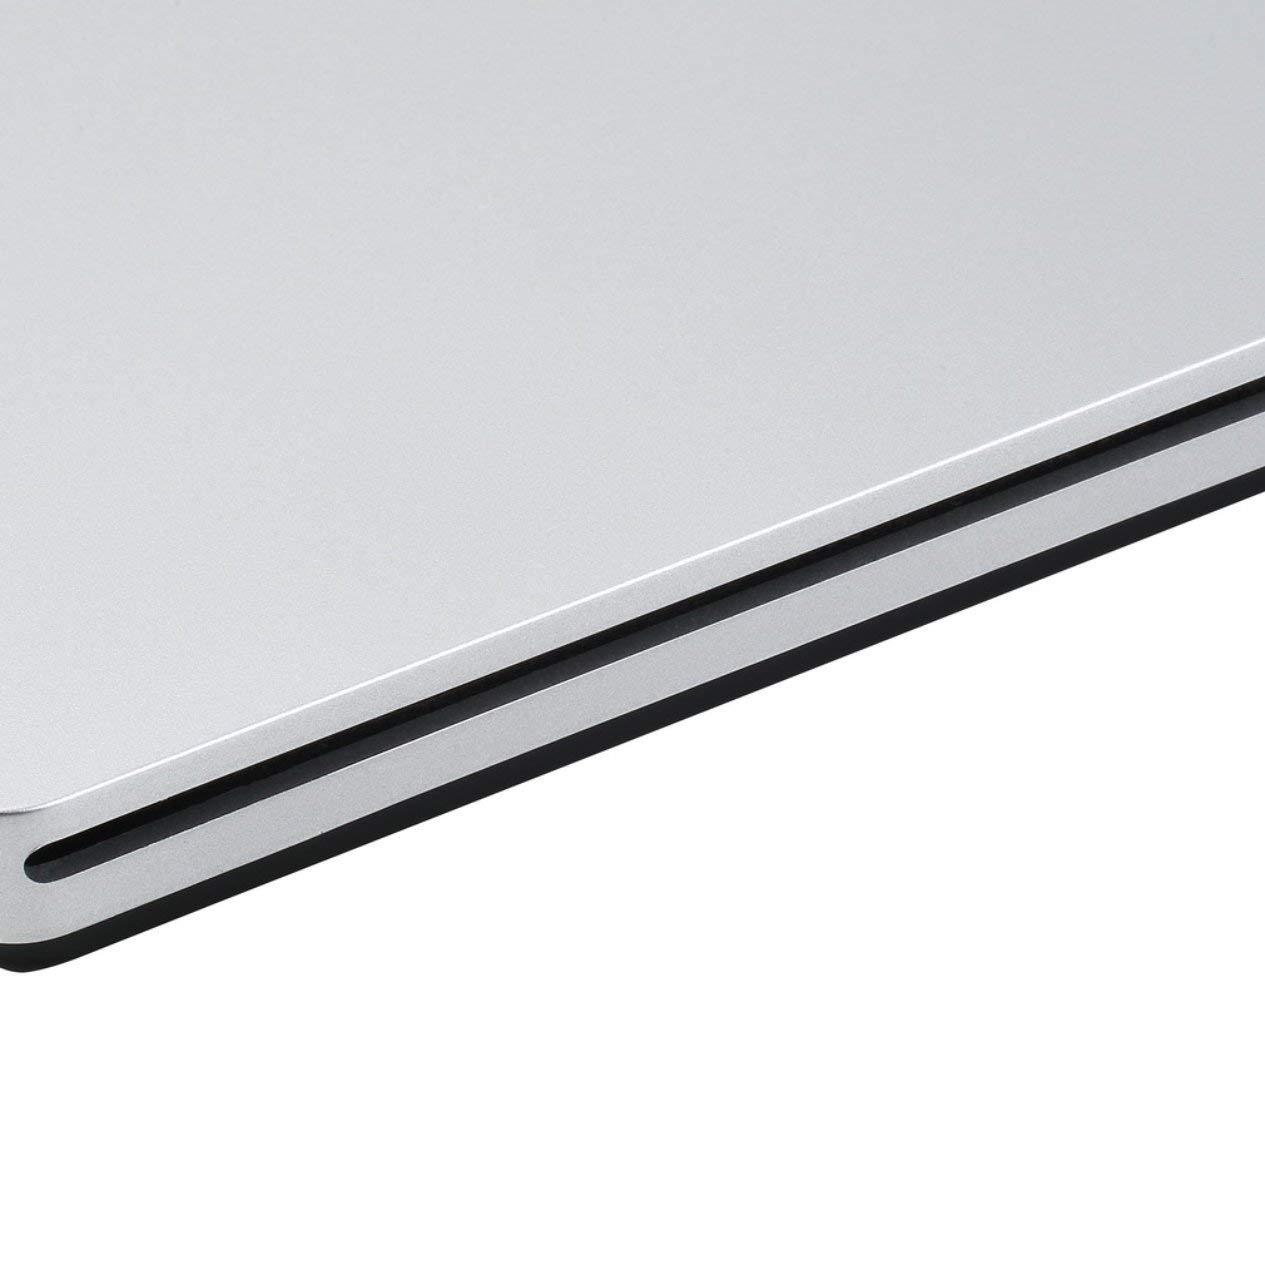 EdBerk74 Slot externe USB dans un lecteur de CD CD Graveur Superdrive pour Apple pour MacBook Air Pro Facilit/é de lecture de films musicaux